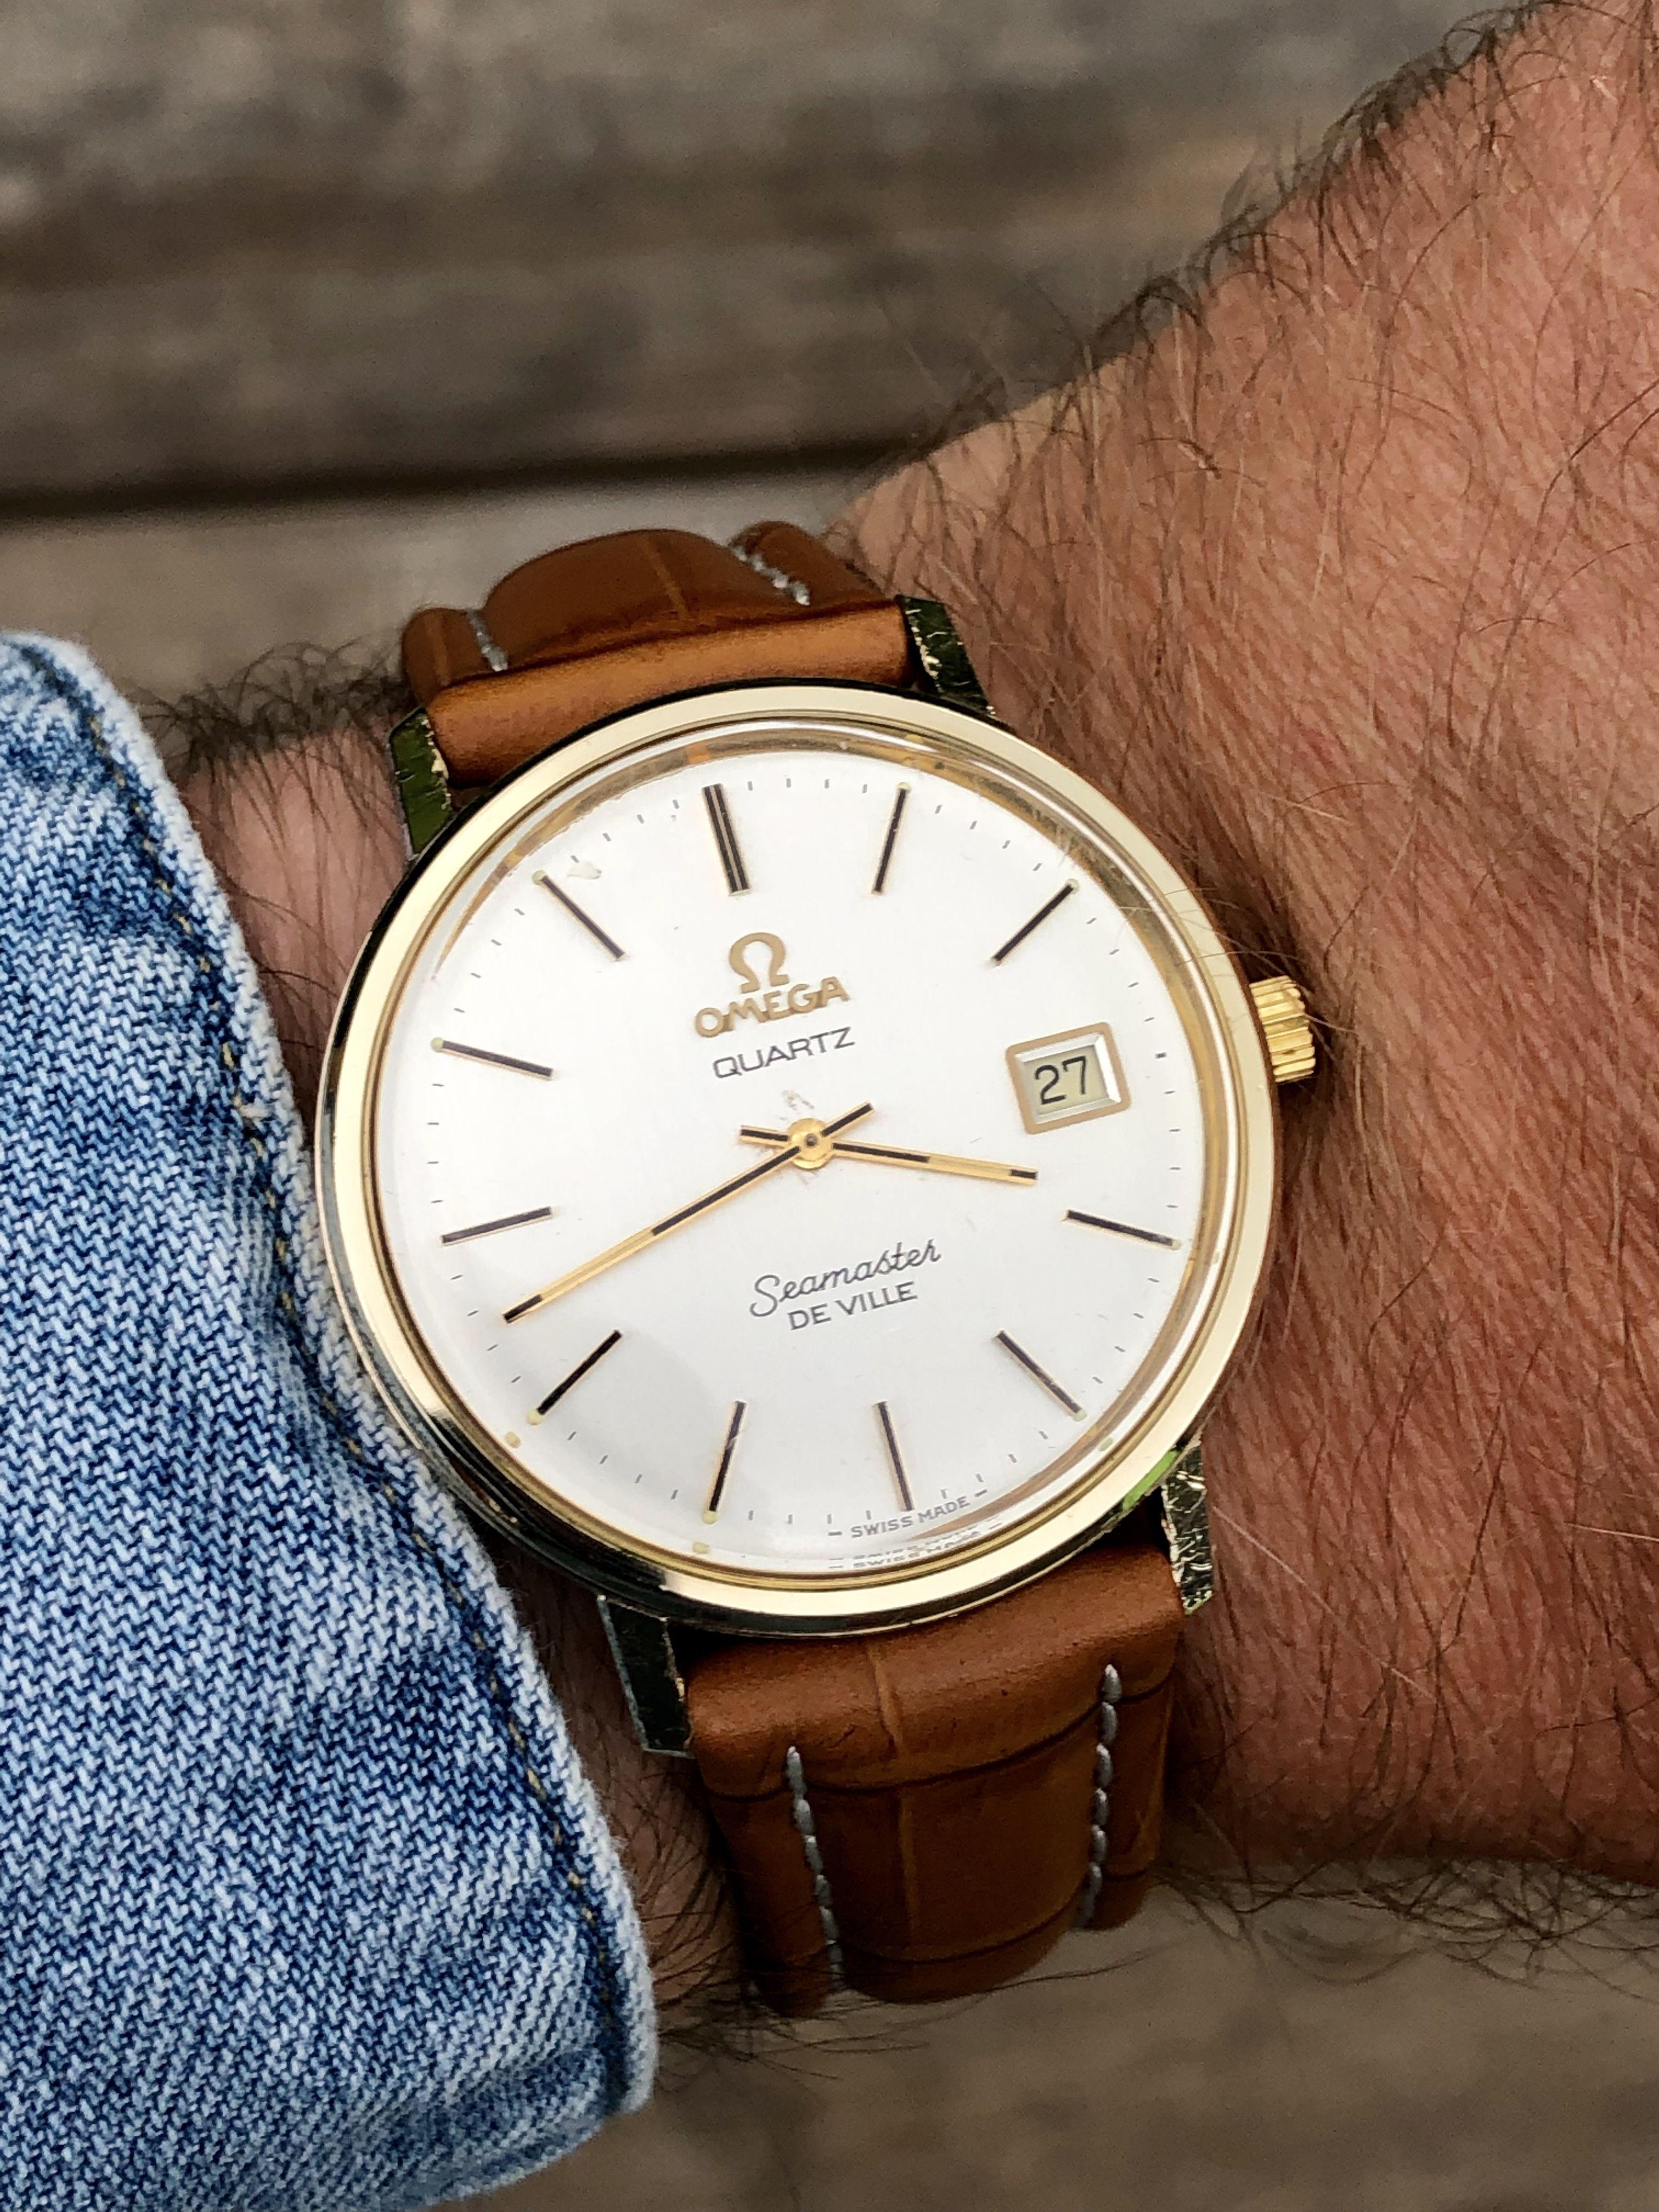 Vintage Omega Seamaster Deville Quartz 10K Gold Filled men's watch FOR SALE #vintagewatches